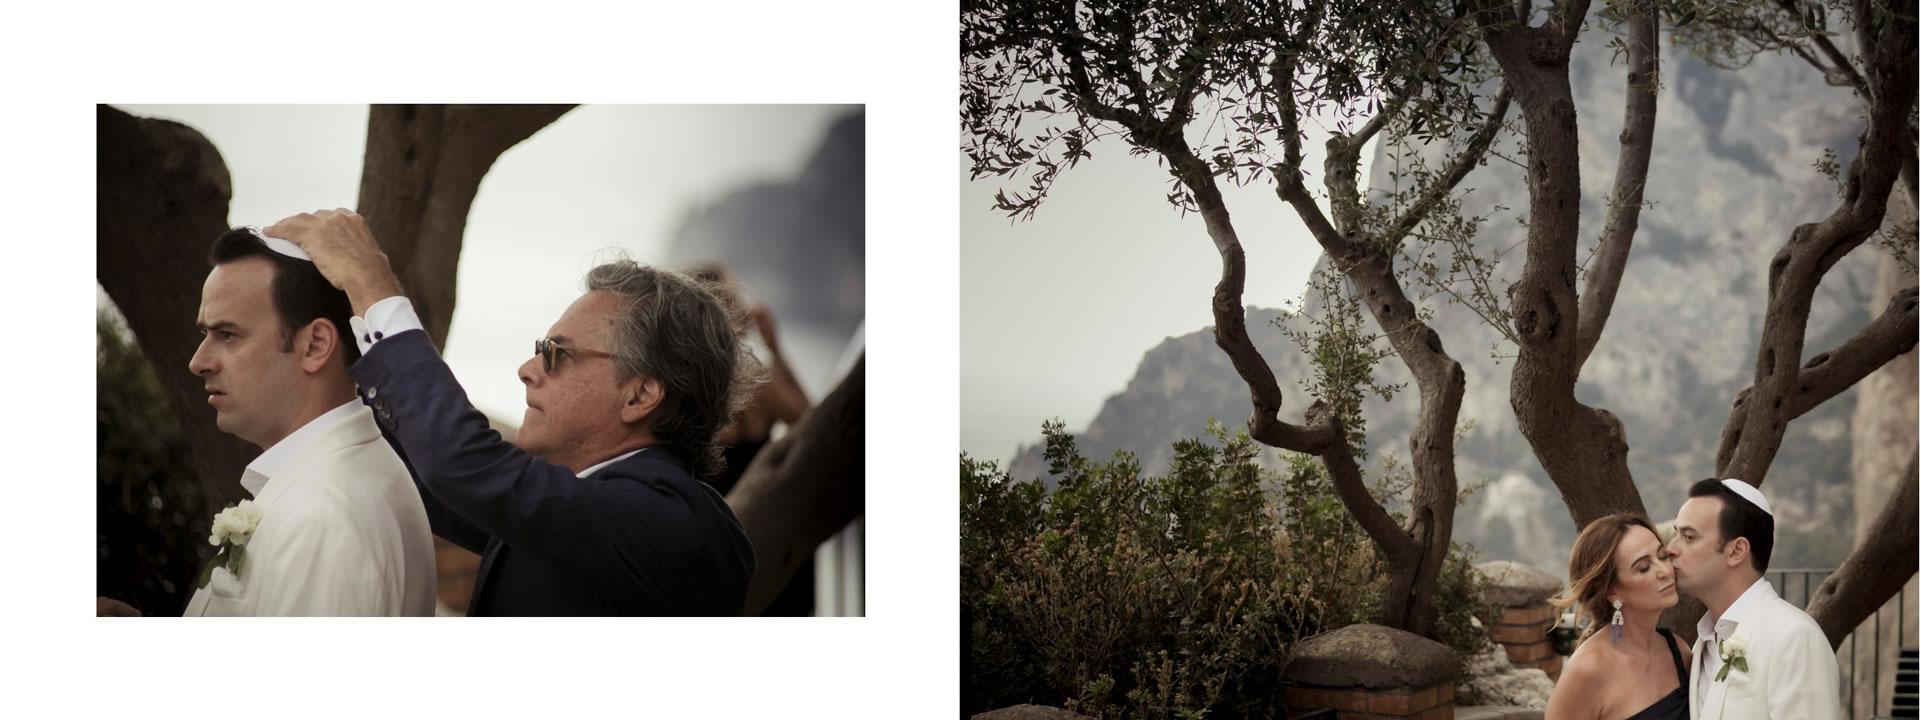 - 30 :: Jewish luxury wedding weekend in Capri :: Luxury wedding photography - 29 ::  - 30